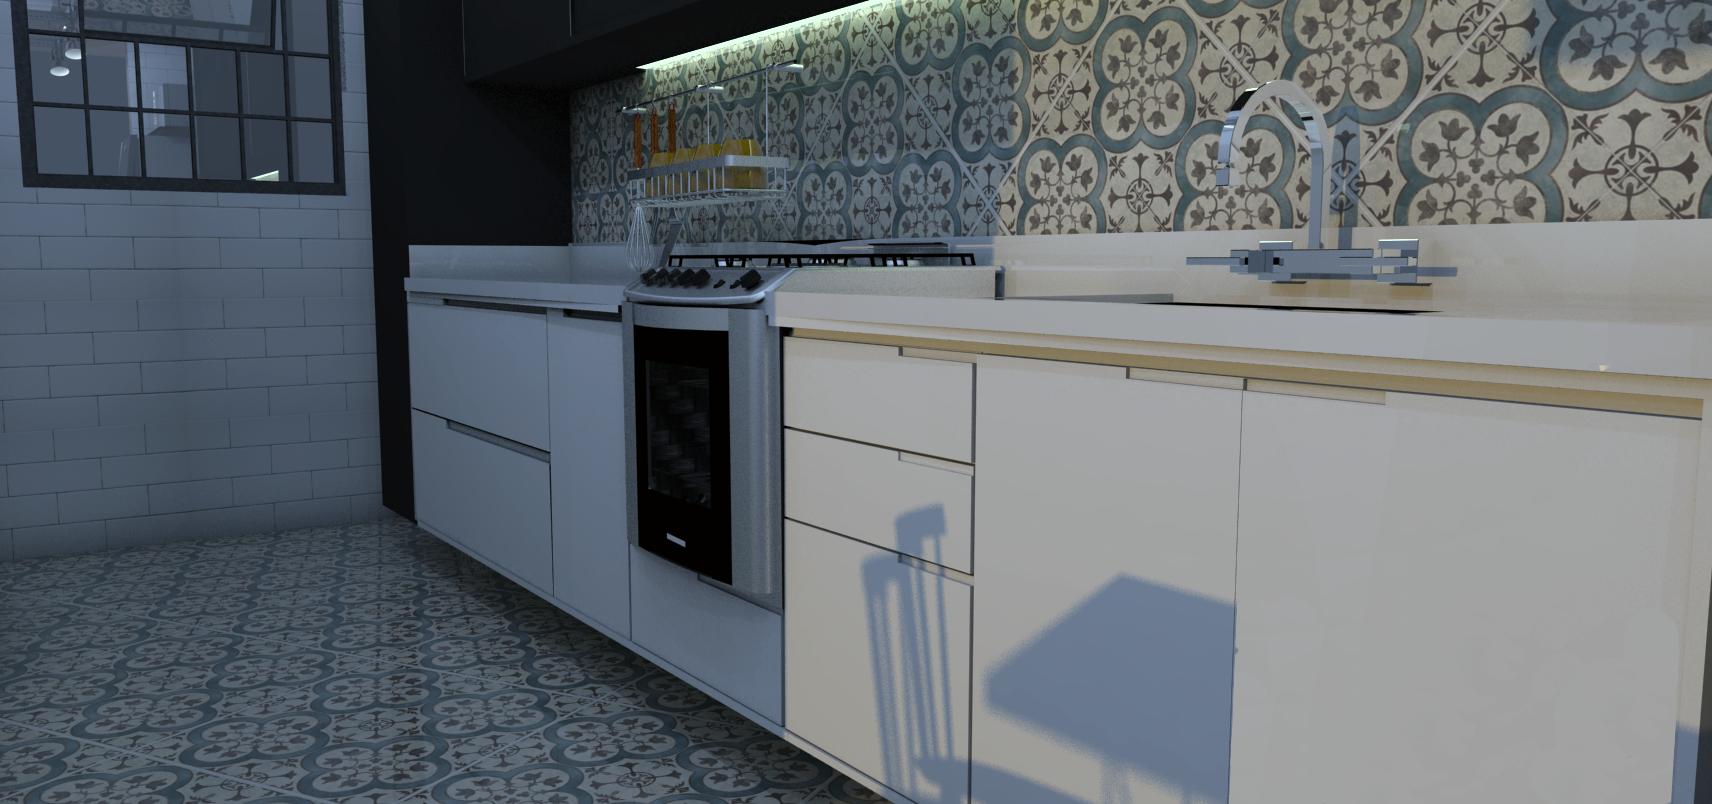 #527967 Cozinhas. – Murilo Zadulski – Design e decoração de interiores  1712x804 px Projetos De Cozinhas Para Bar #641 imagens